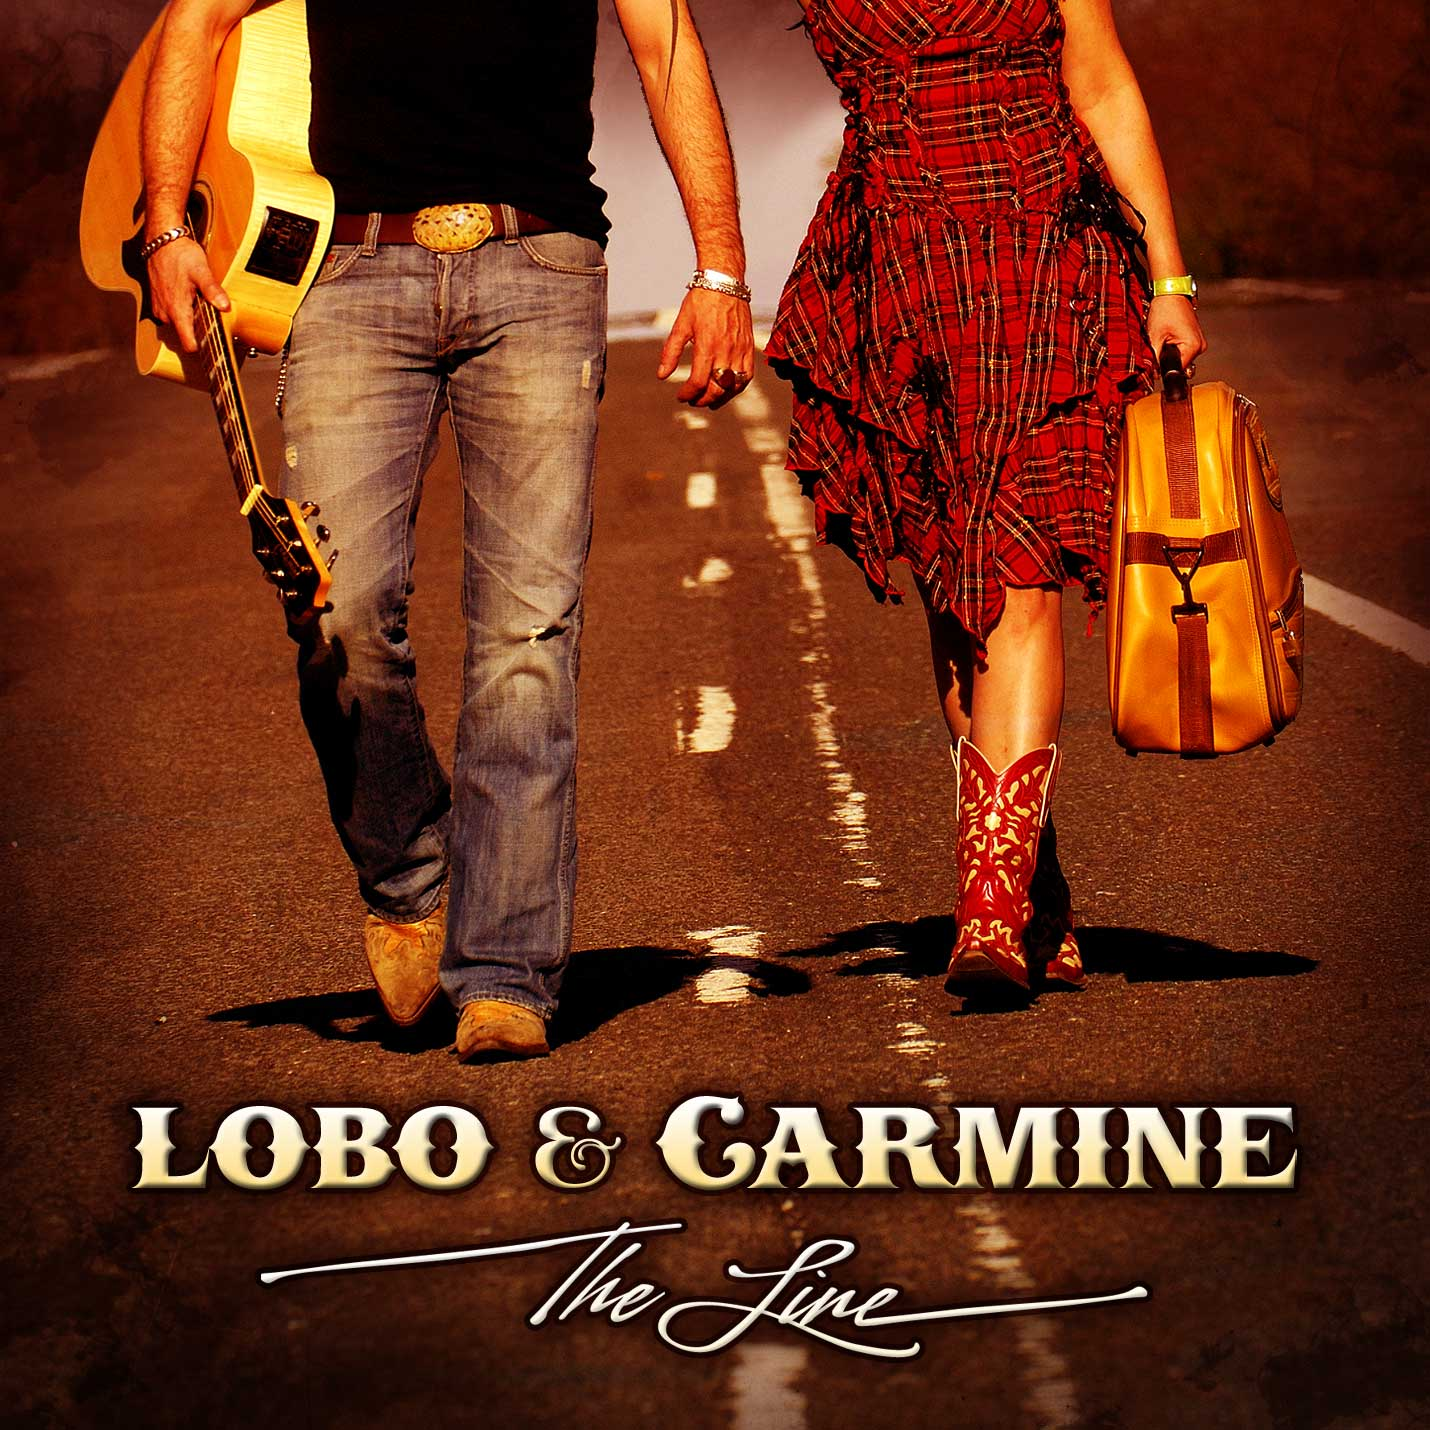 Lobo & Carmine - The Line